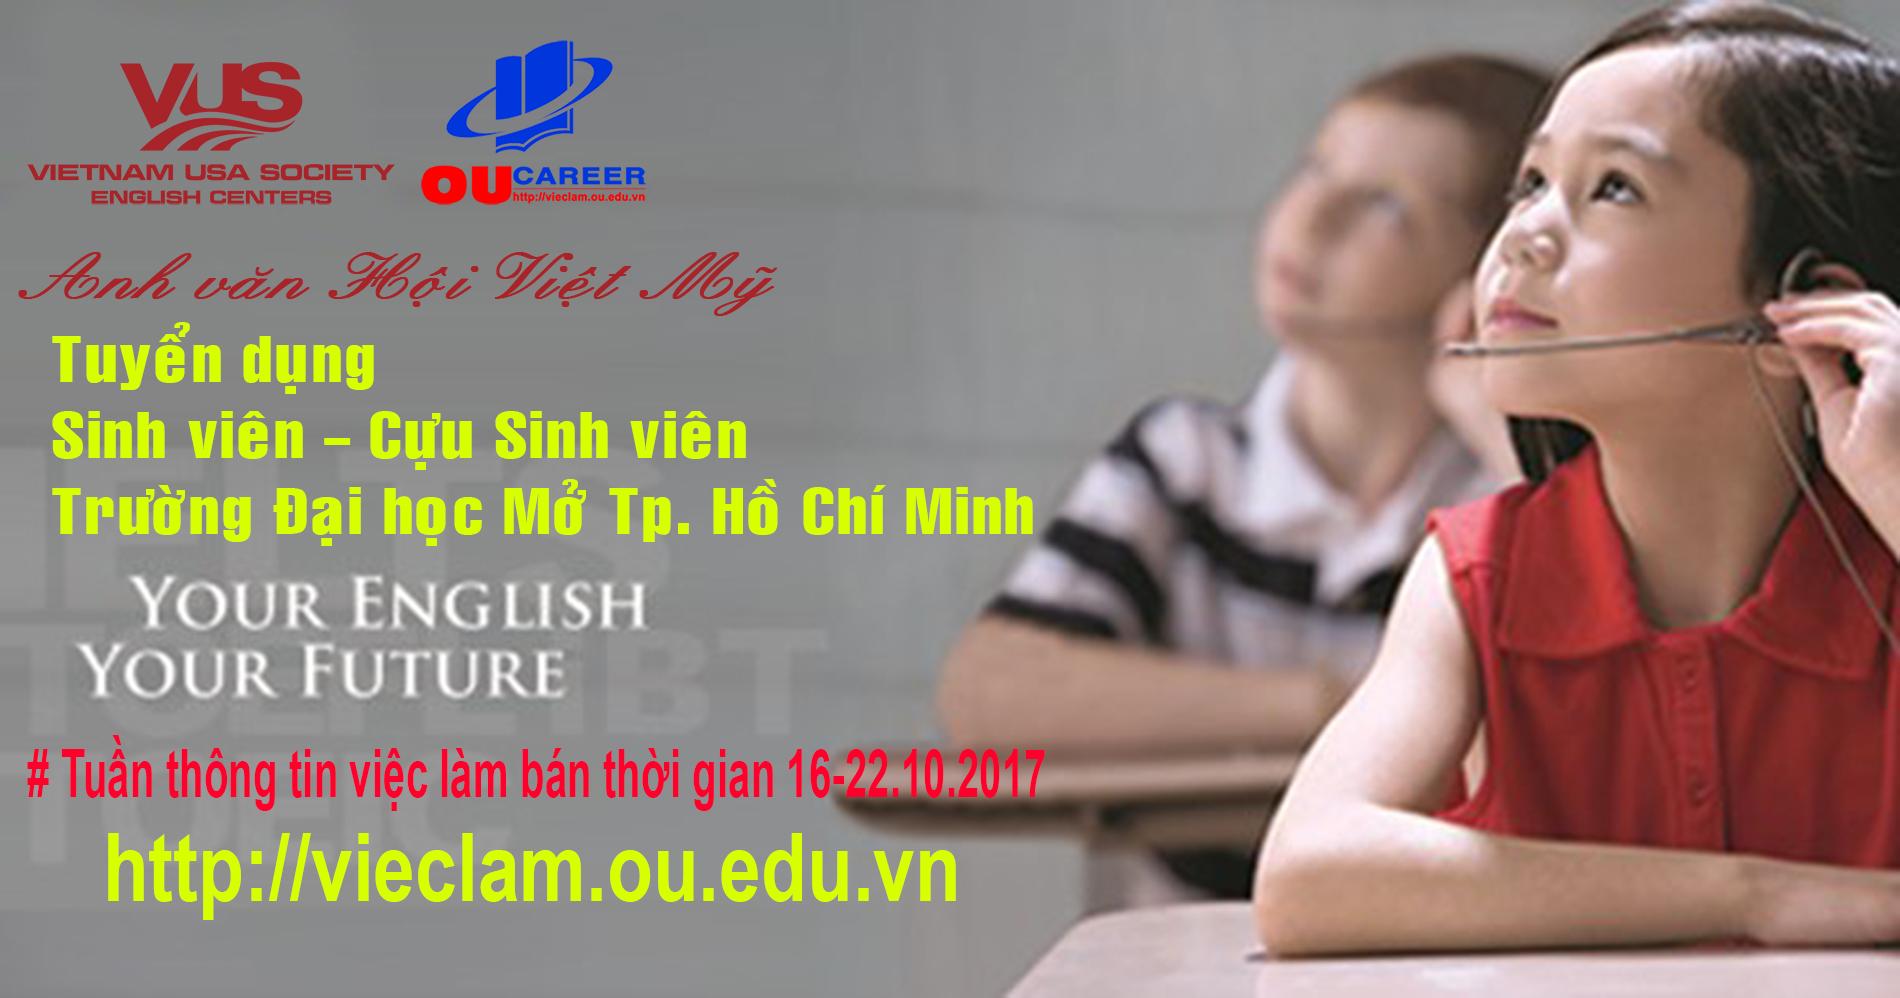 Anh văn Hội Việt Mỹ (VUS) tuyển dụng giảng viên, trợ giảng, nhân viên (bán thời gian - toàn thời gian) dành cho sinh viên Trường Đại học Mở Tp. Hồ Chí Minh.